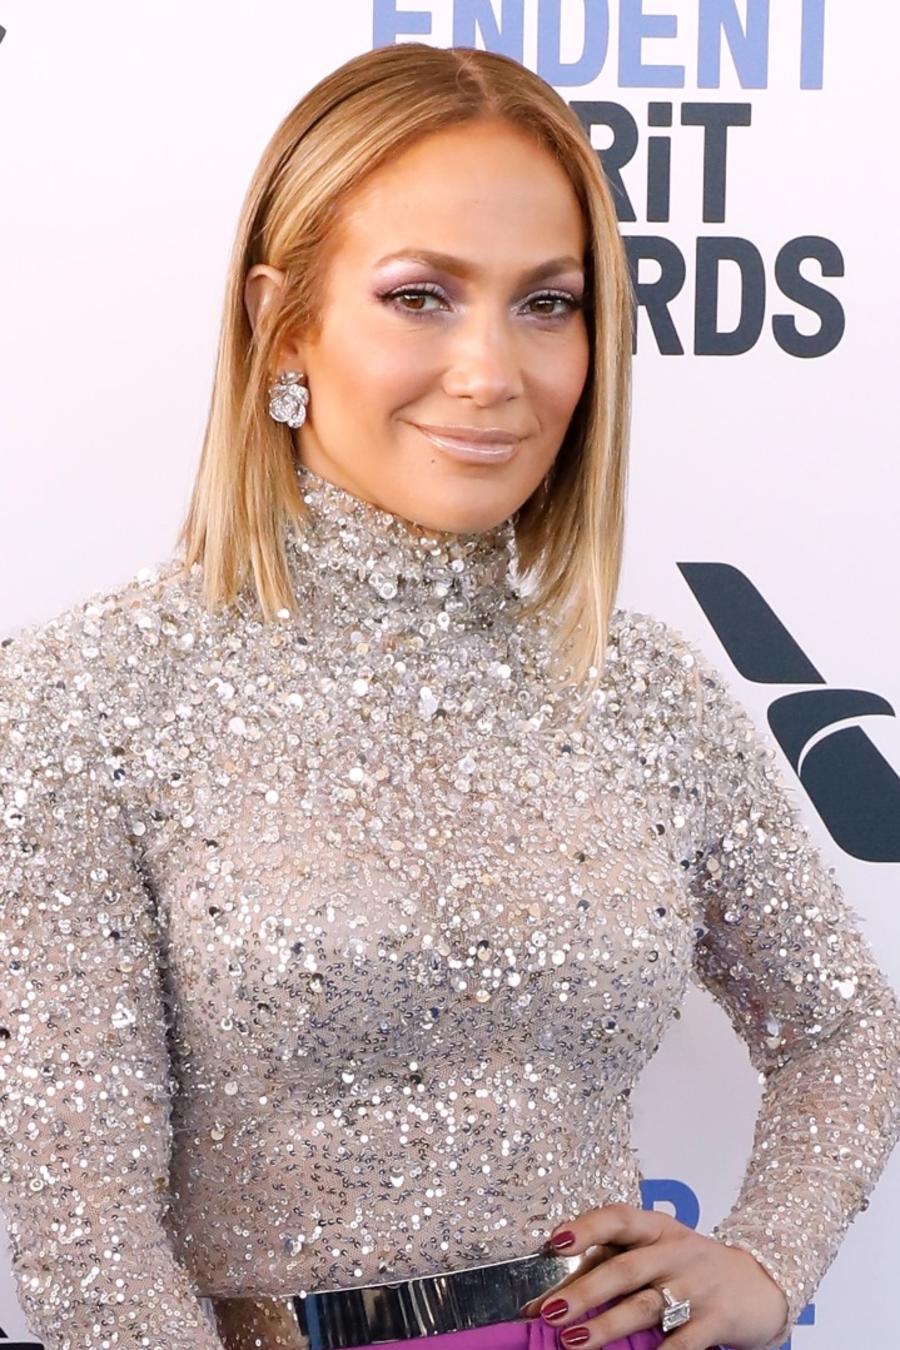 Jennifer Lopez smiling at film event